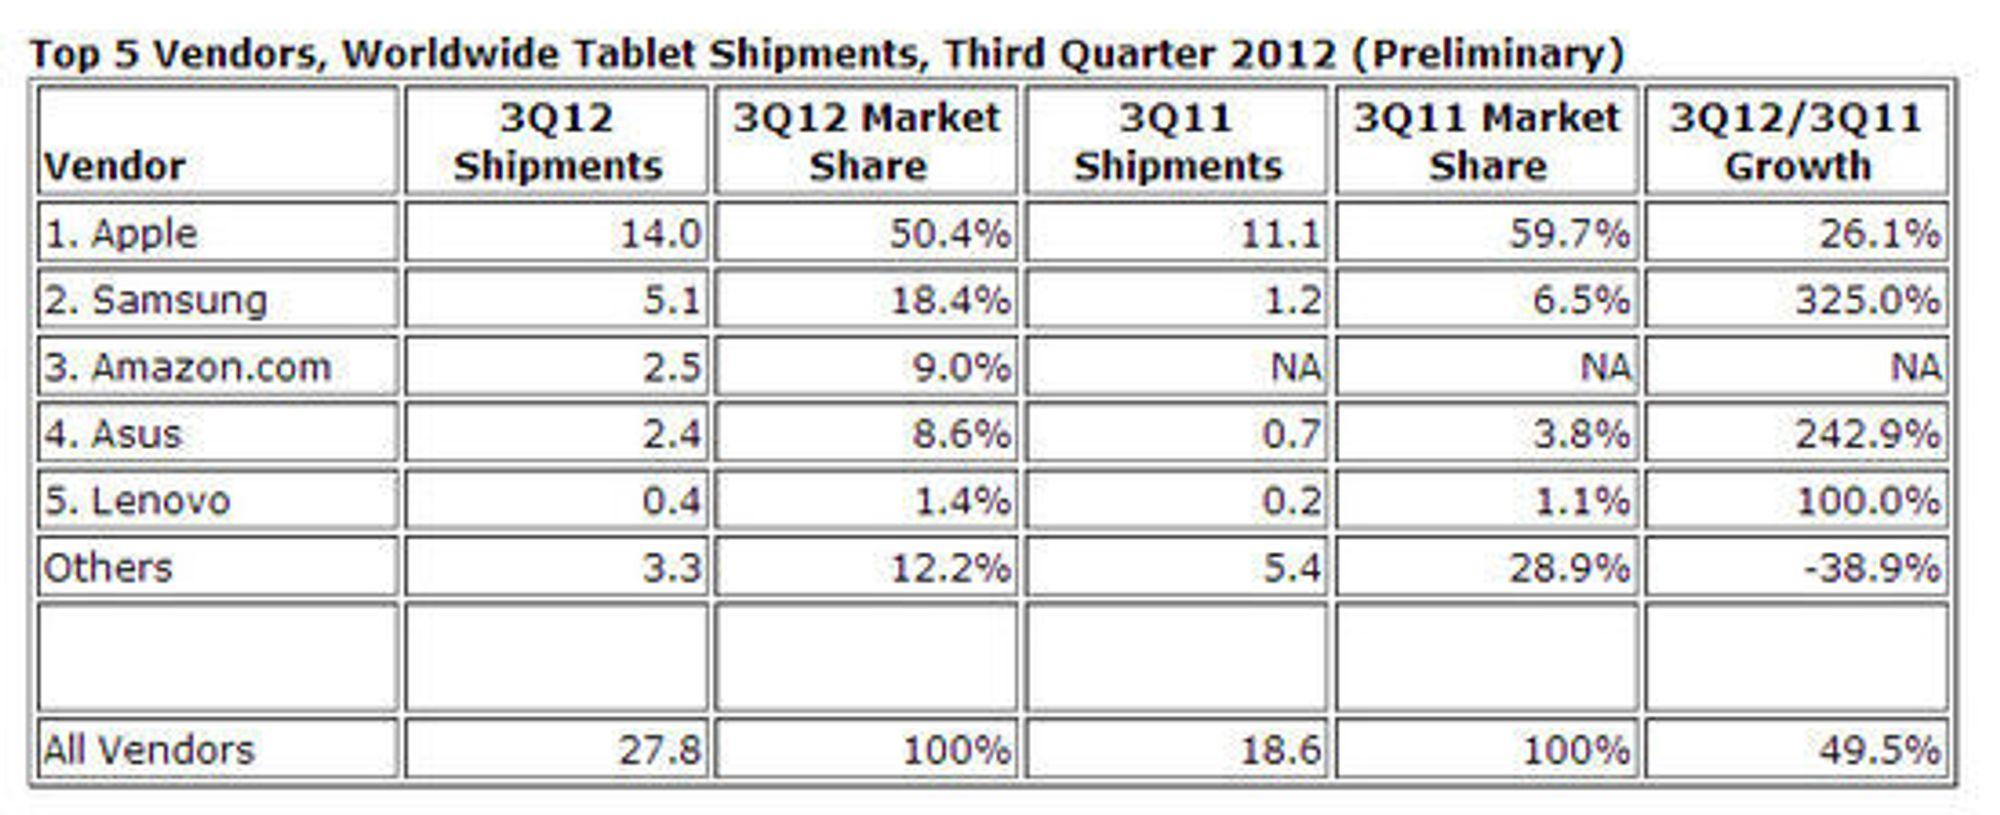 Nettbrettmarkedet i tredje kvartal 2012, sammenlignet med samme kvartal i 2011. Alle leveransetall er oppgitt i antall millioner leverte enheter.